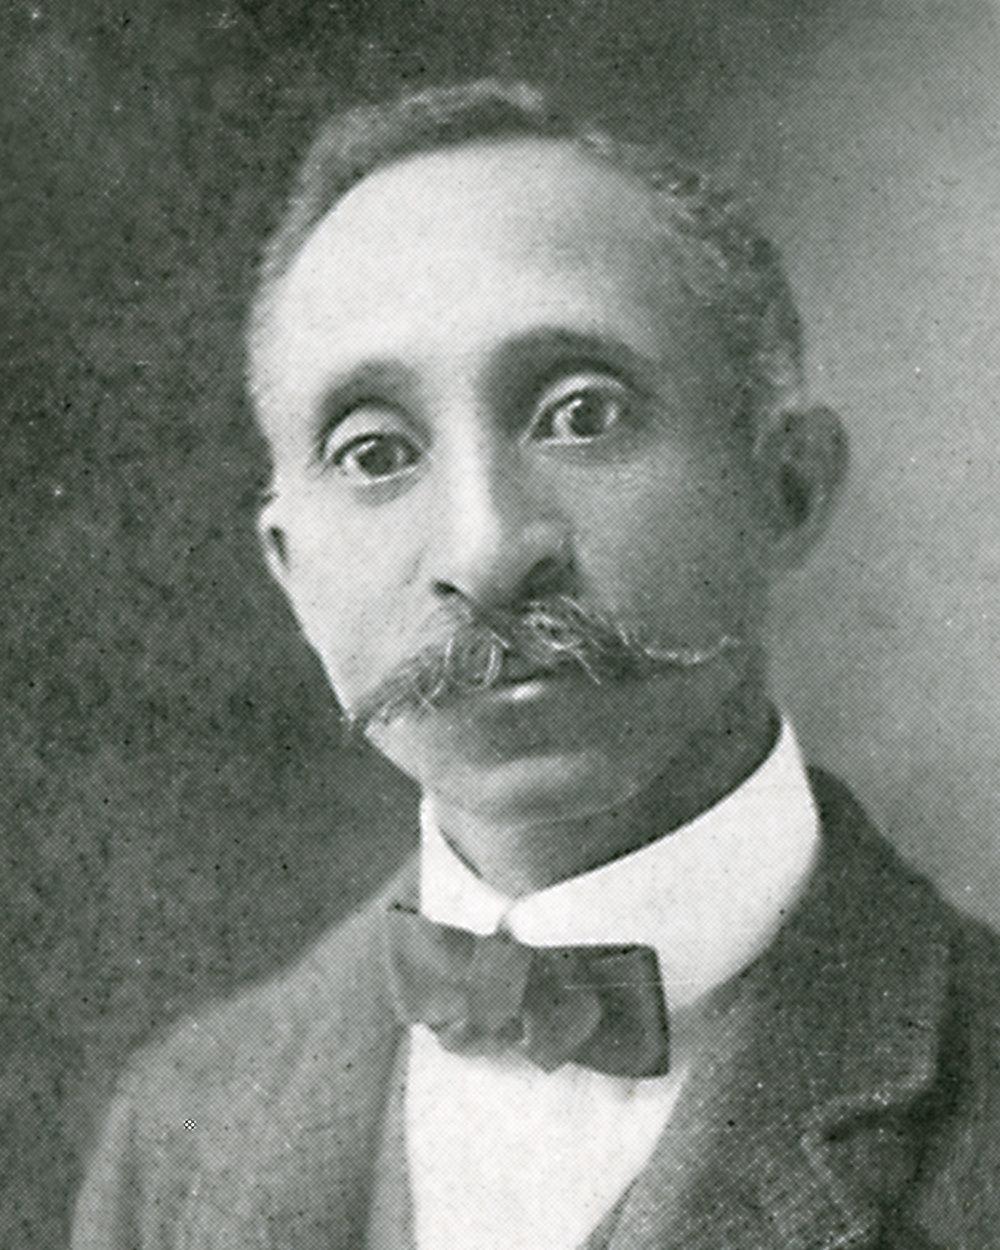 Copy of R. T. Coles